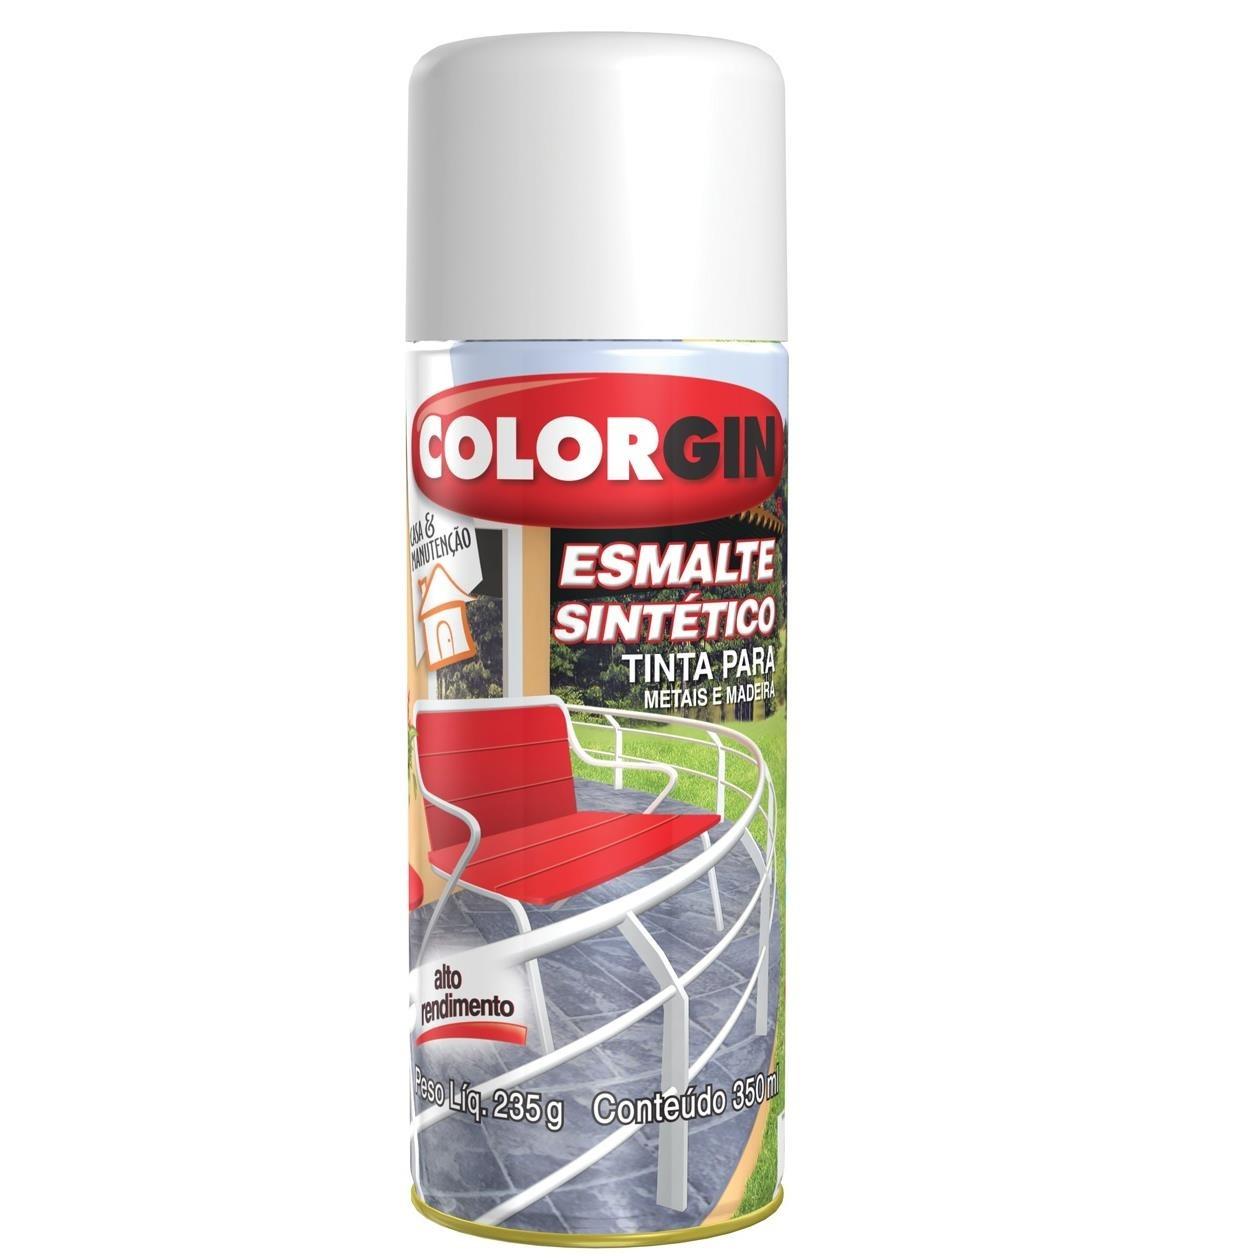 Tinta Spray Brilhante Esmalte sintetico Interno e Externo - Verde - 350ml - Colorgin